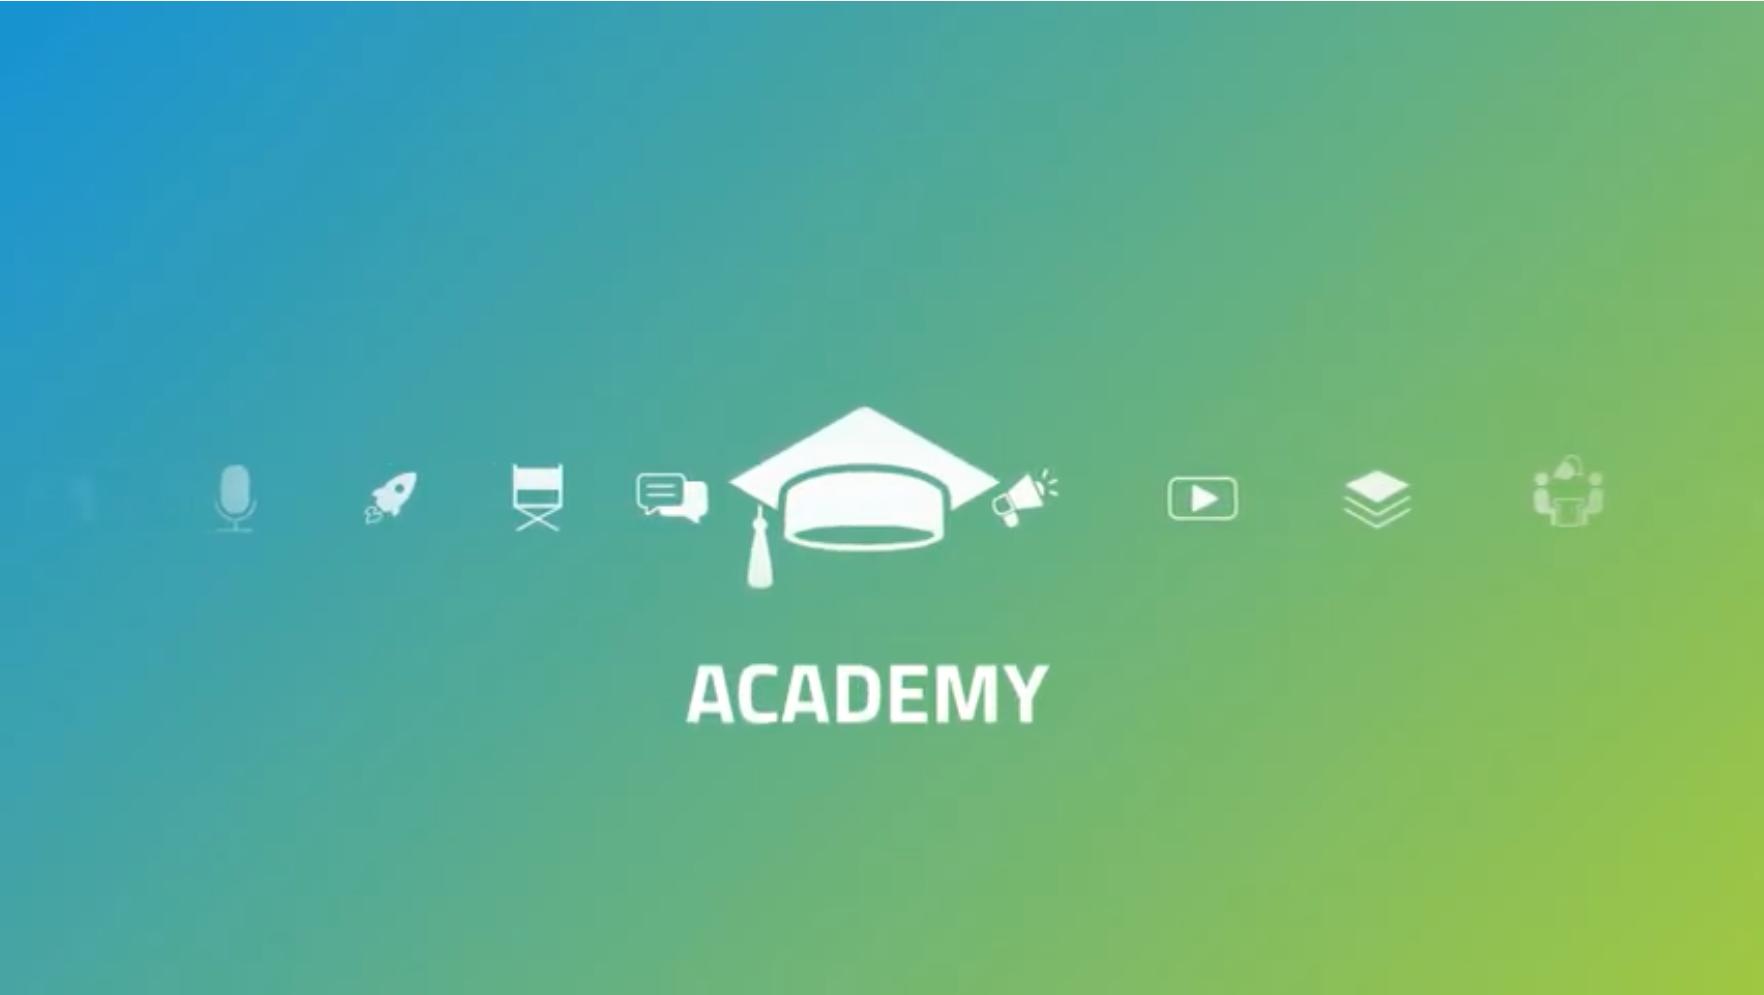 Competenze digitali - Sistema Scuola. Il New Normal passa dalle buone pratiche